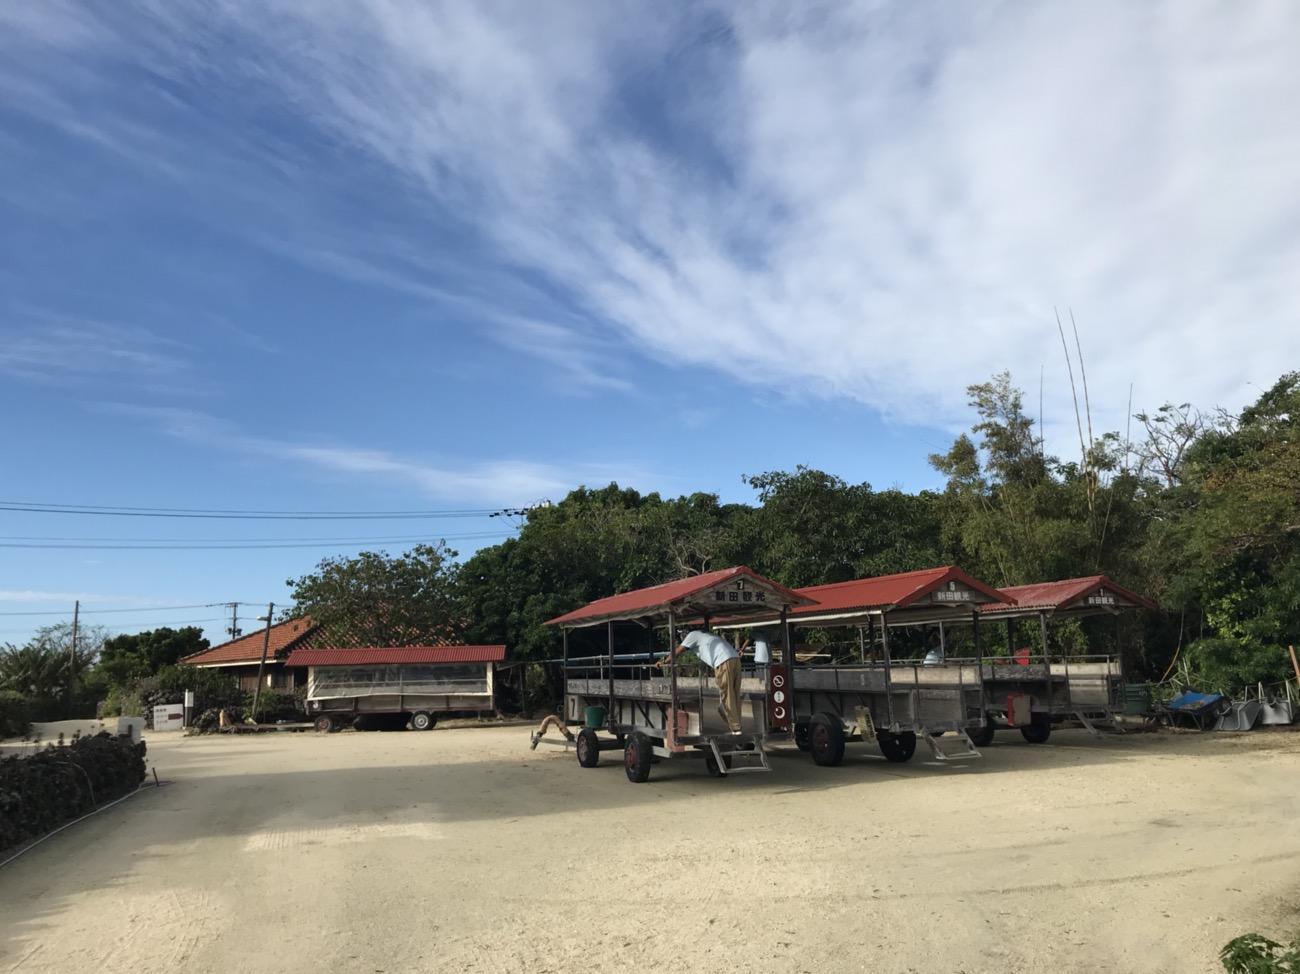 竹富島観光おすすめ 水牛車 新田観光